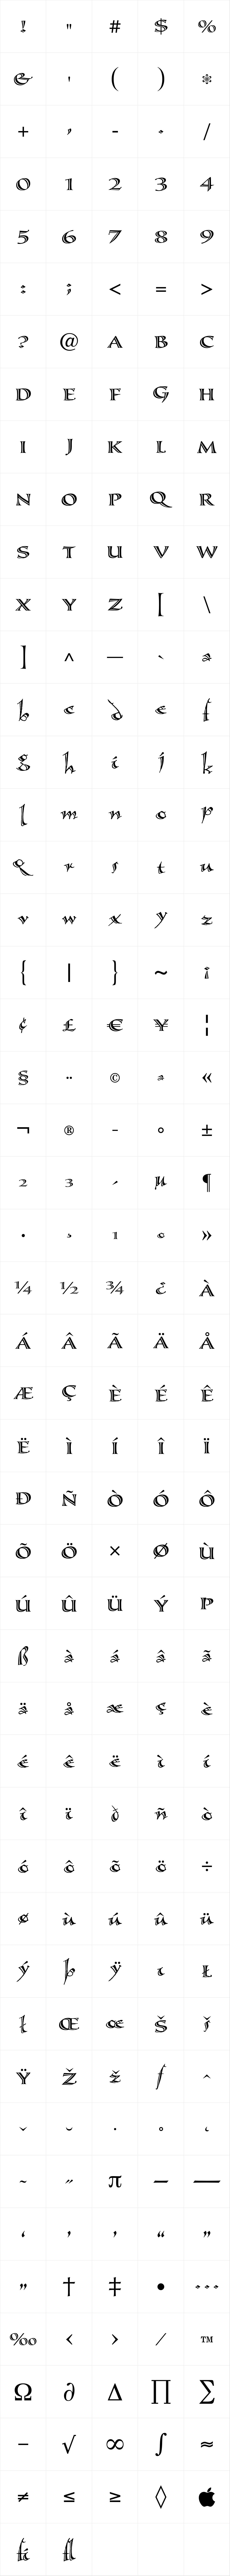 Calligraphica LX